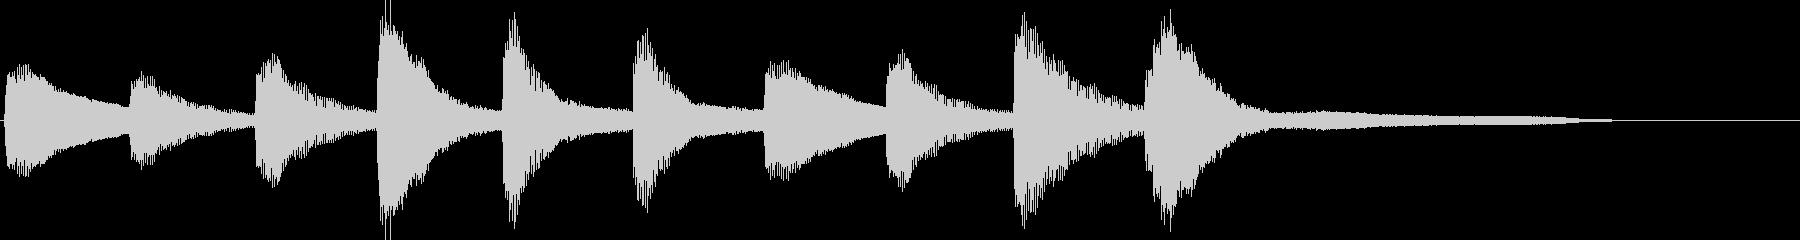 不思議な世界観・10秒のピアノソロの未再生の波形